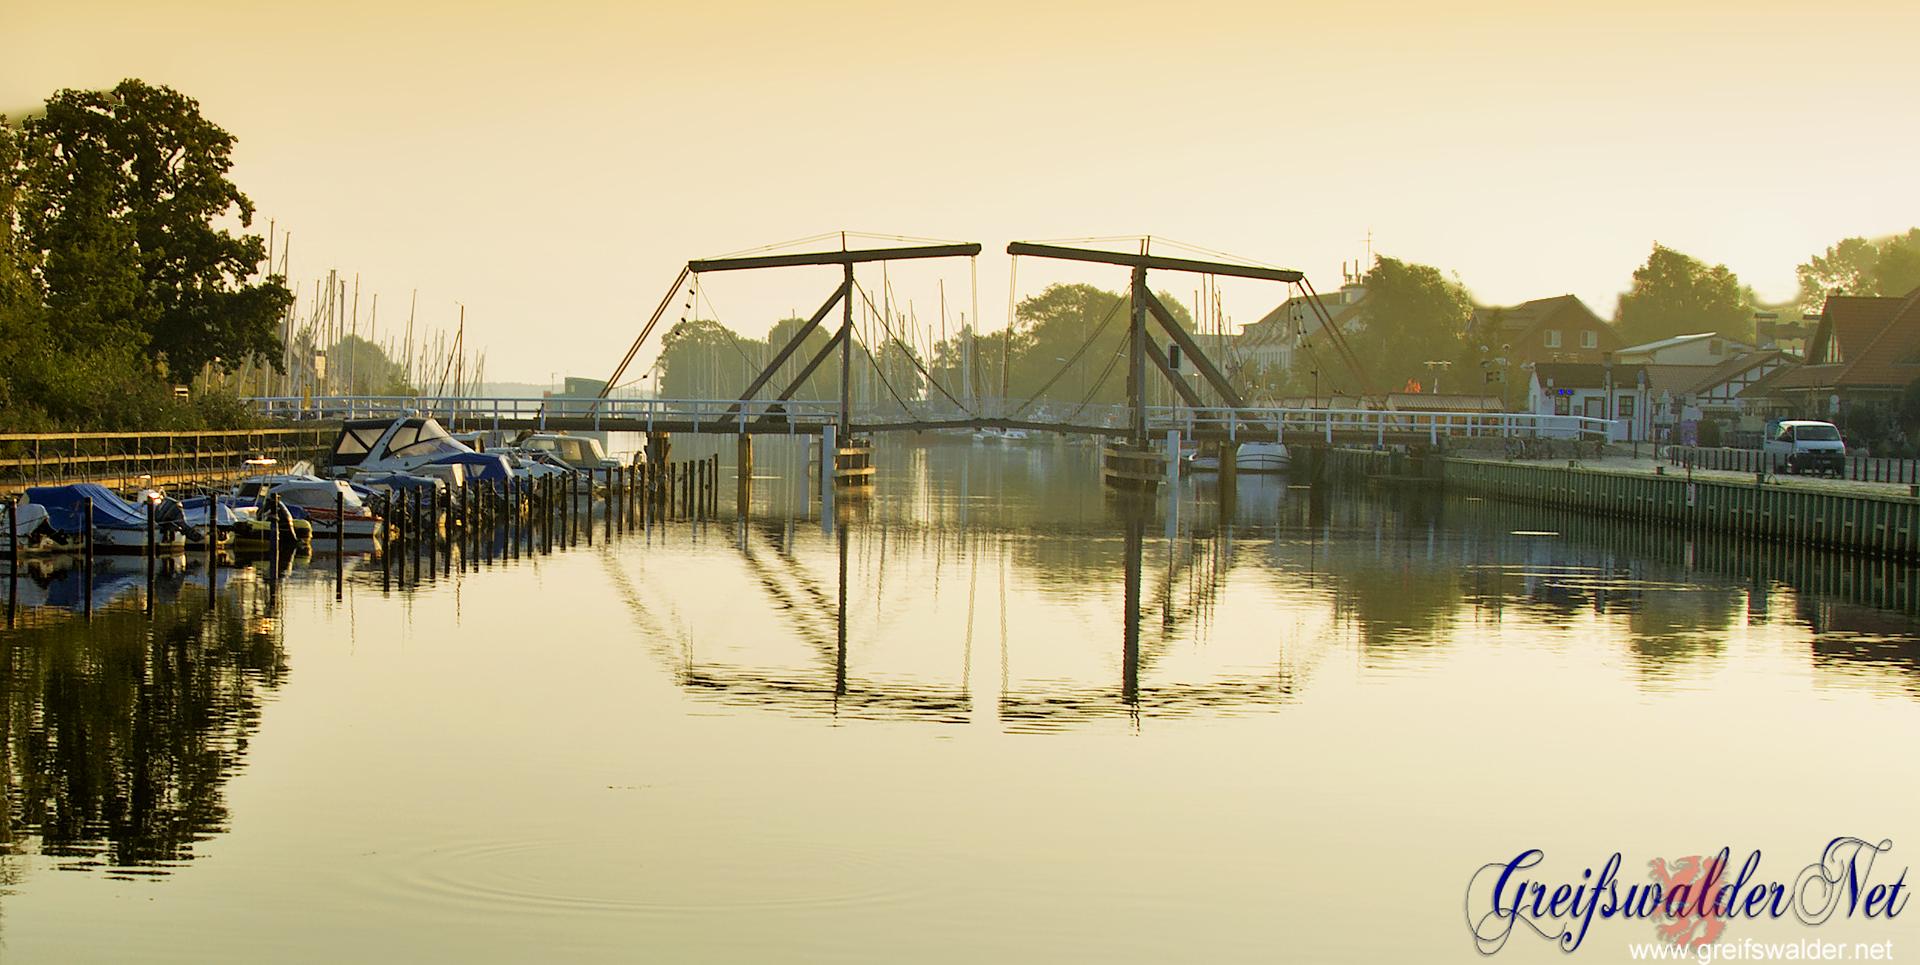 Klappbrücke in Greifswald-Wieck am Morgen